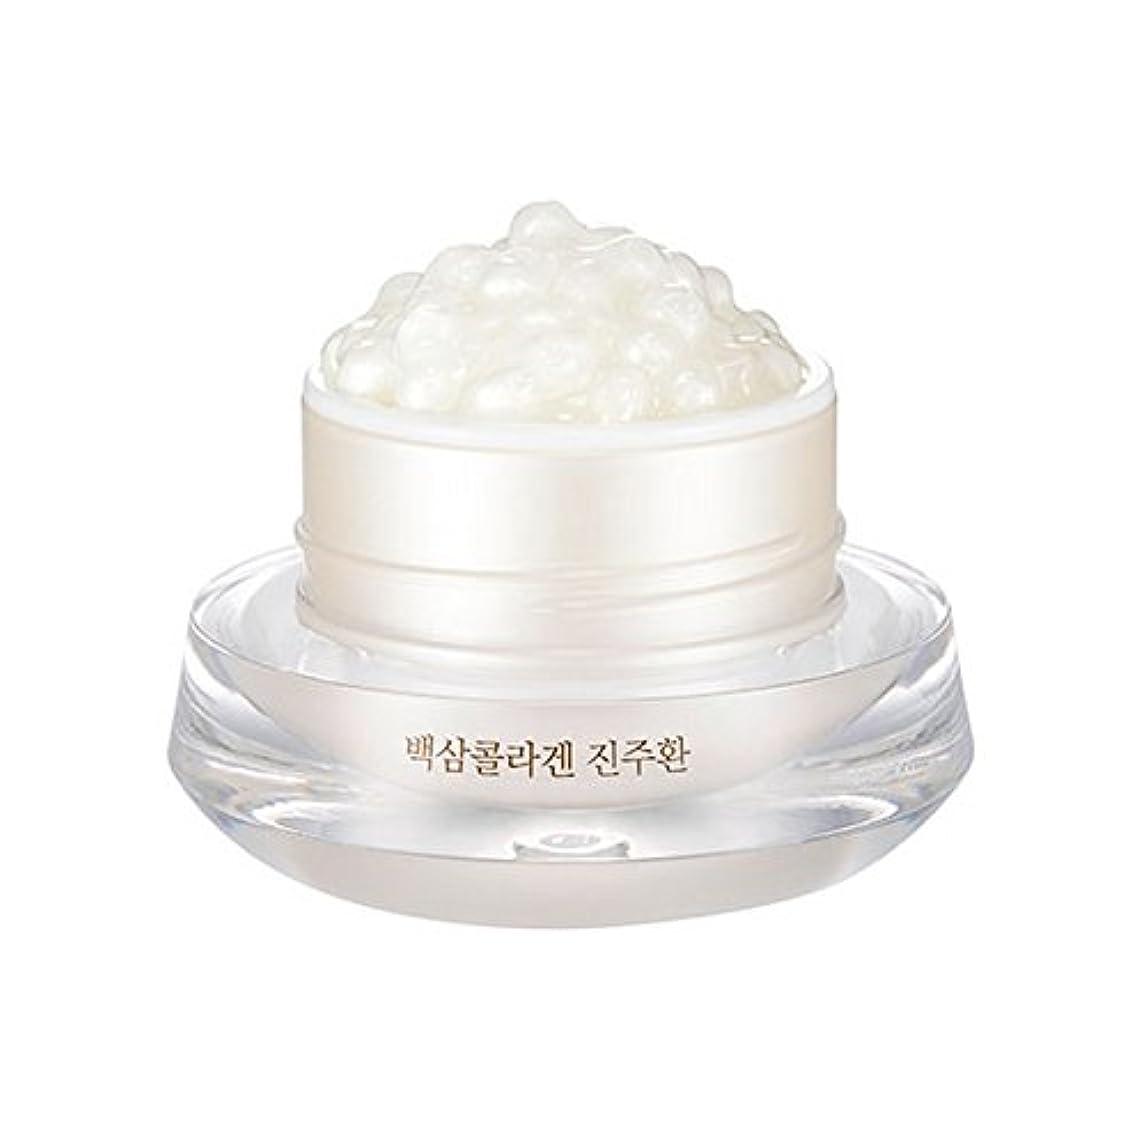 過去しっかり優遇[ザ?フェイスショップ] The Face Shop 白参 コラーゲン パール カプセルクリーム White Ginseng Collagen Pearl Capsule Cream [並行輸入品]